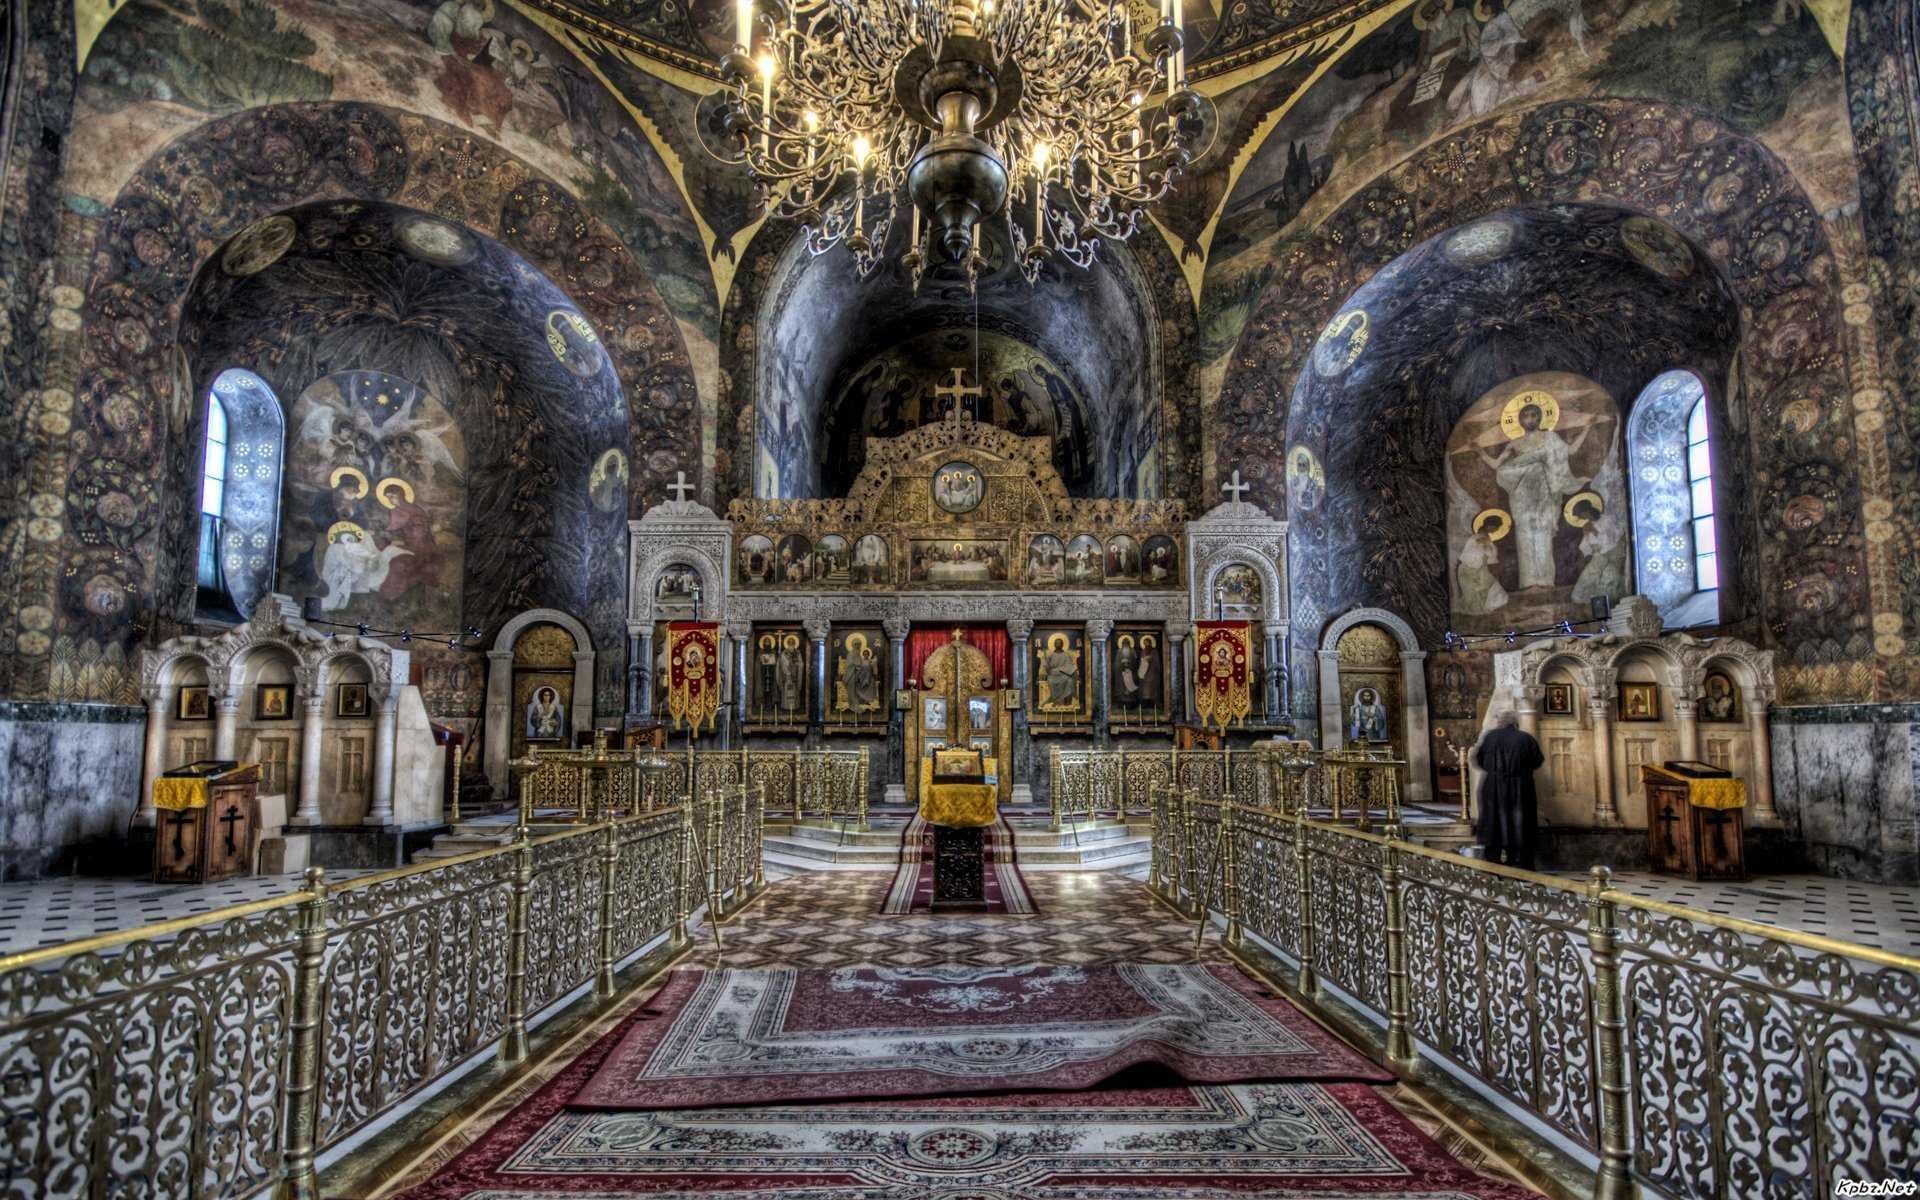 Ἀποστάσεις  μέσα  στούς  ναούς καί  οἱ  «ἀποστάσεις»  ἀνάμεσα  στούς  πιστούς